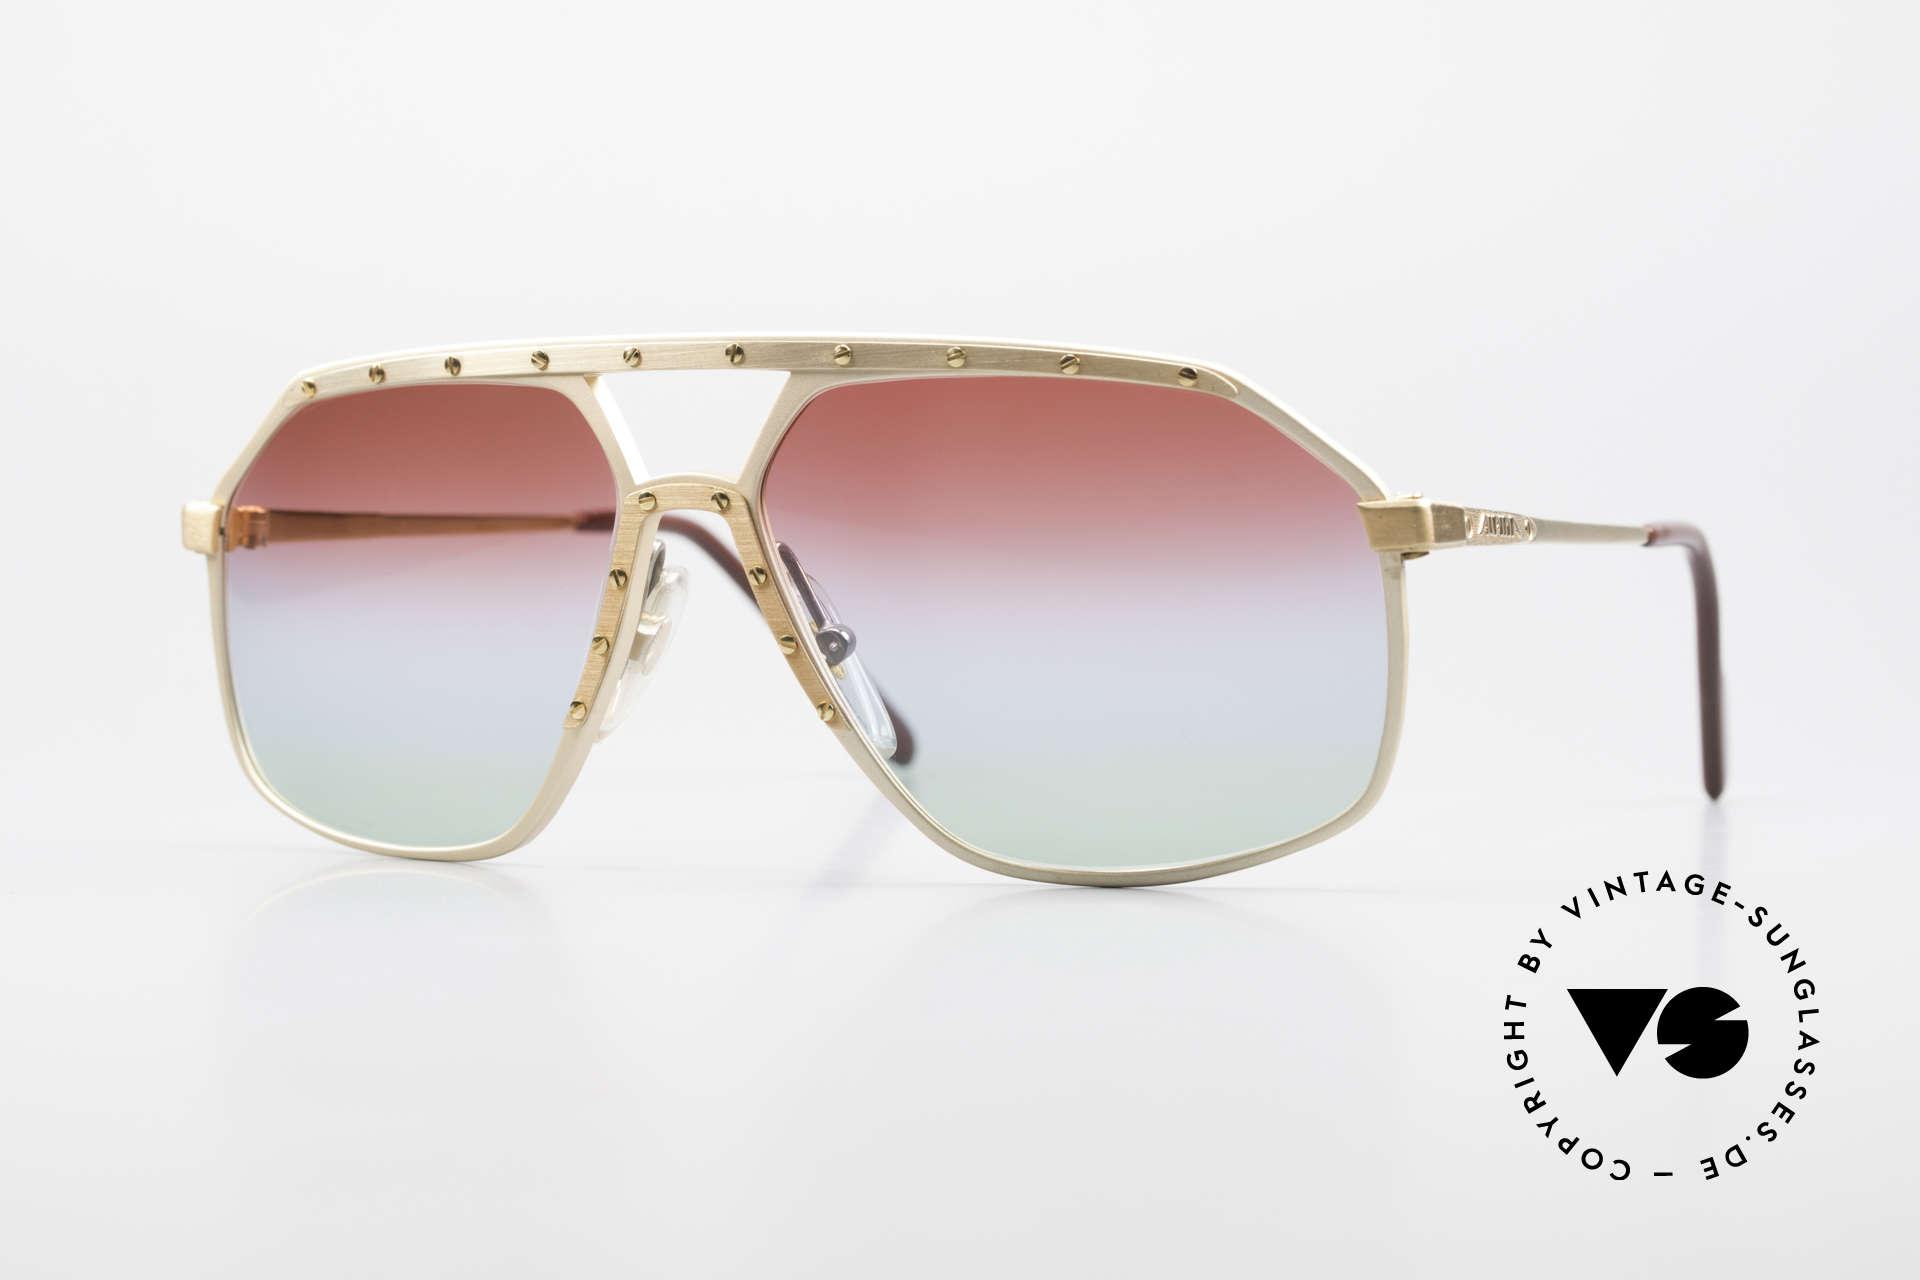 Alpina M6 West Germany Sonnenbrille, alte West Germany Alpina Sonnenbrille, Modell M6, Passend für Herren und Damen